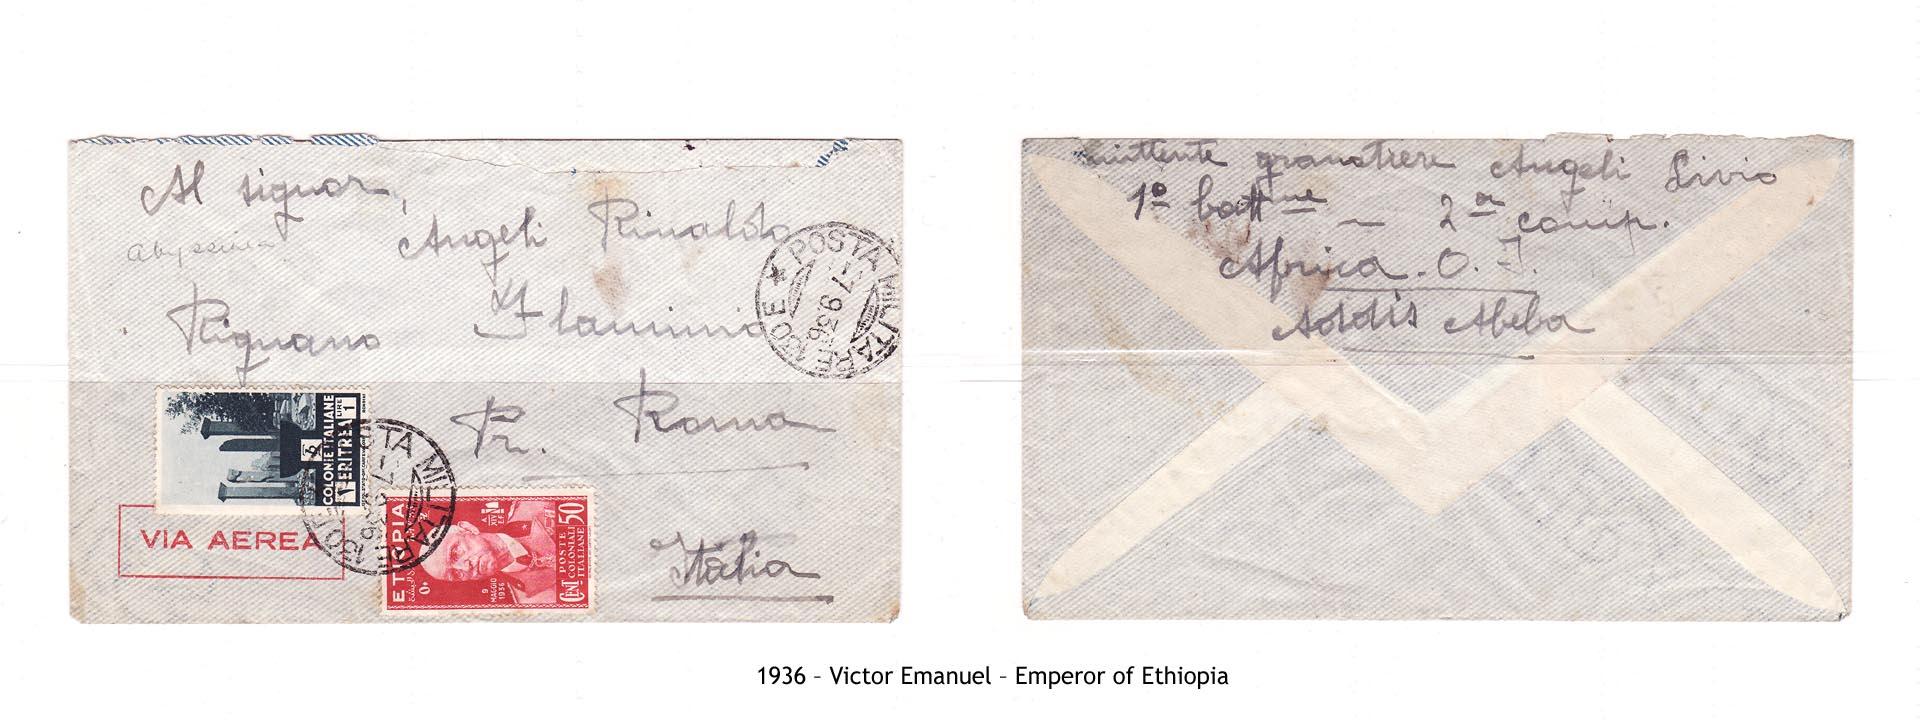 1936 – Etiopia Victor Emanuel – Emperor of Ethiopia